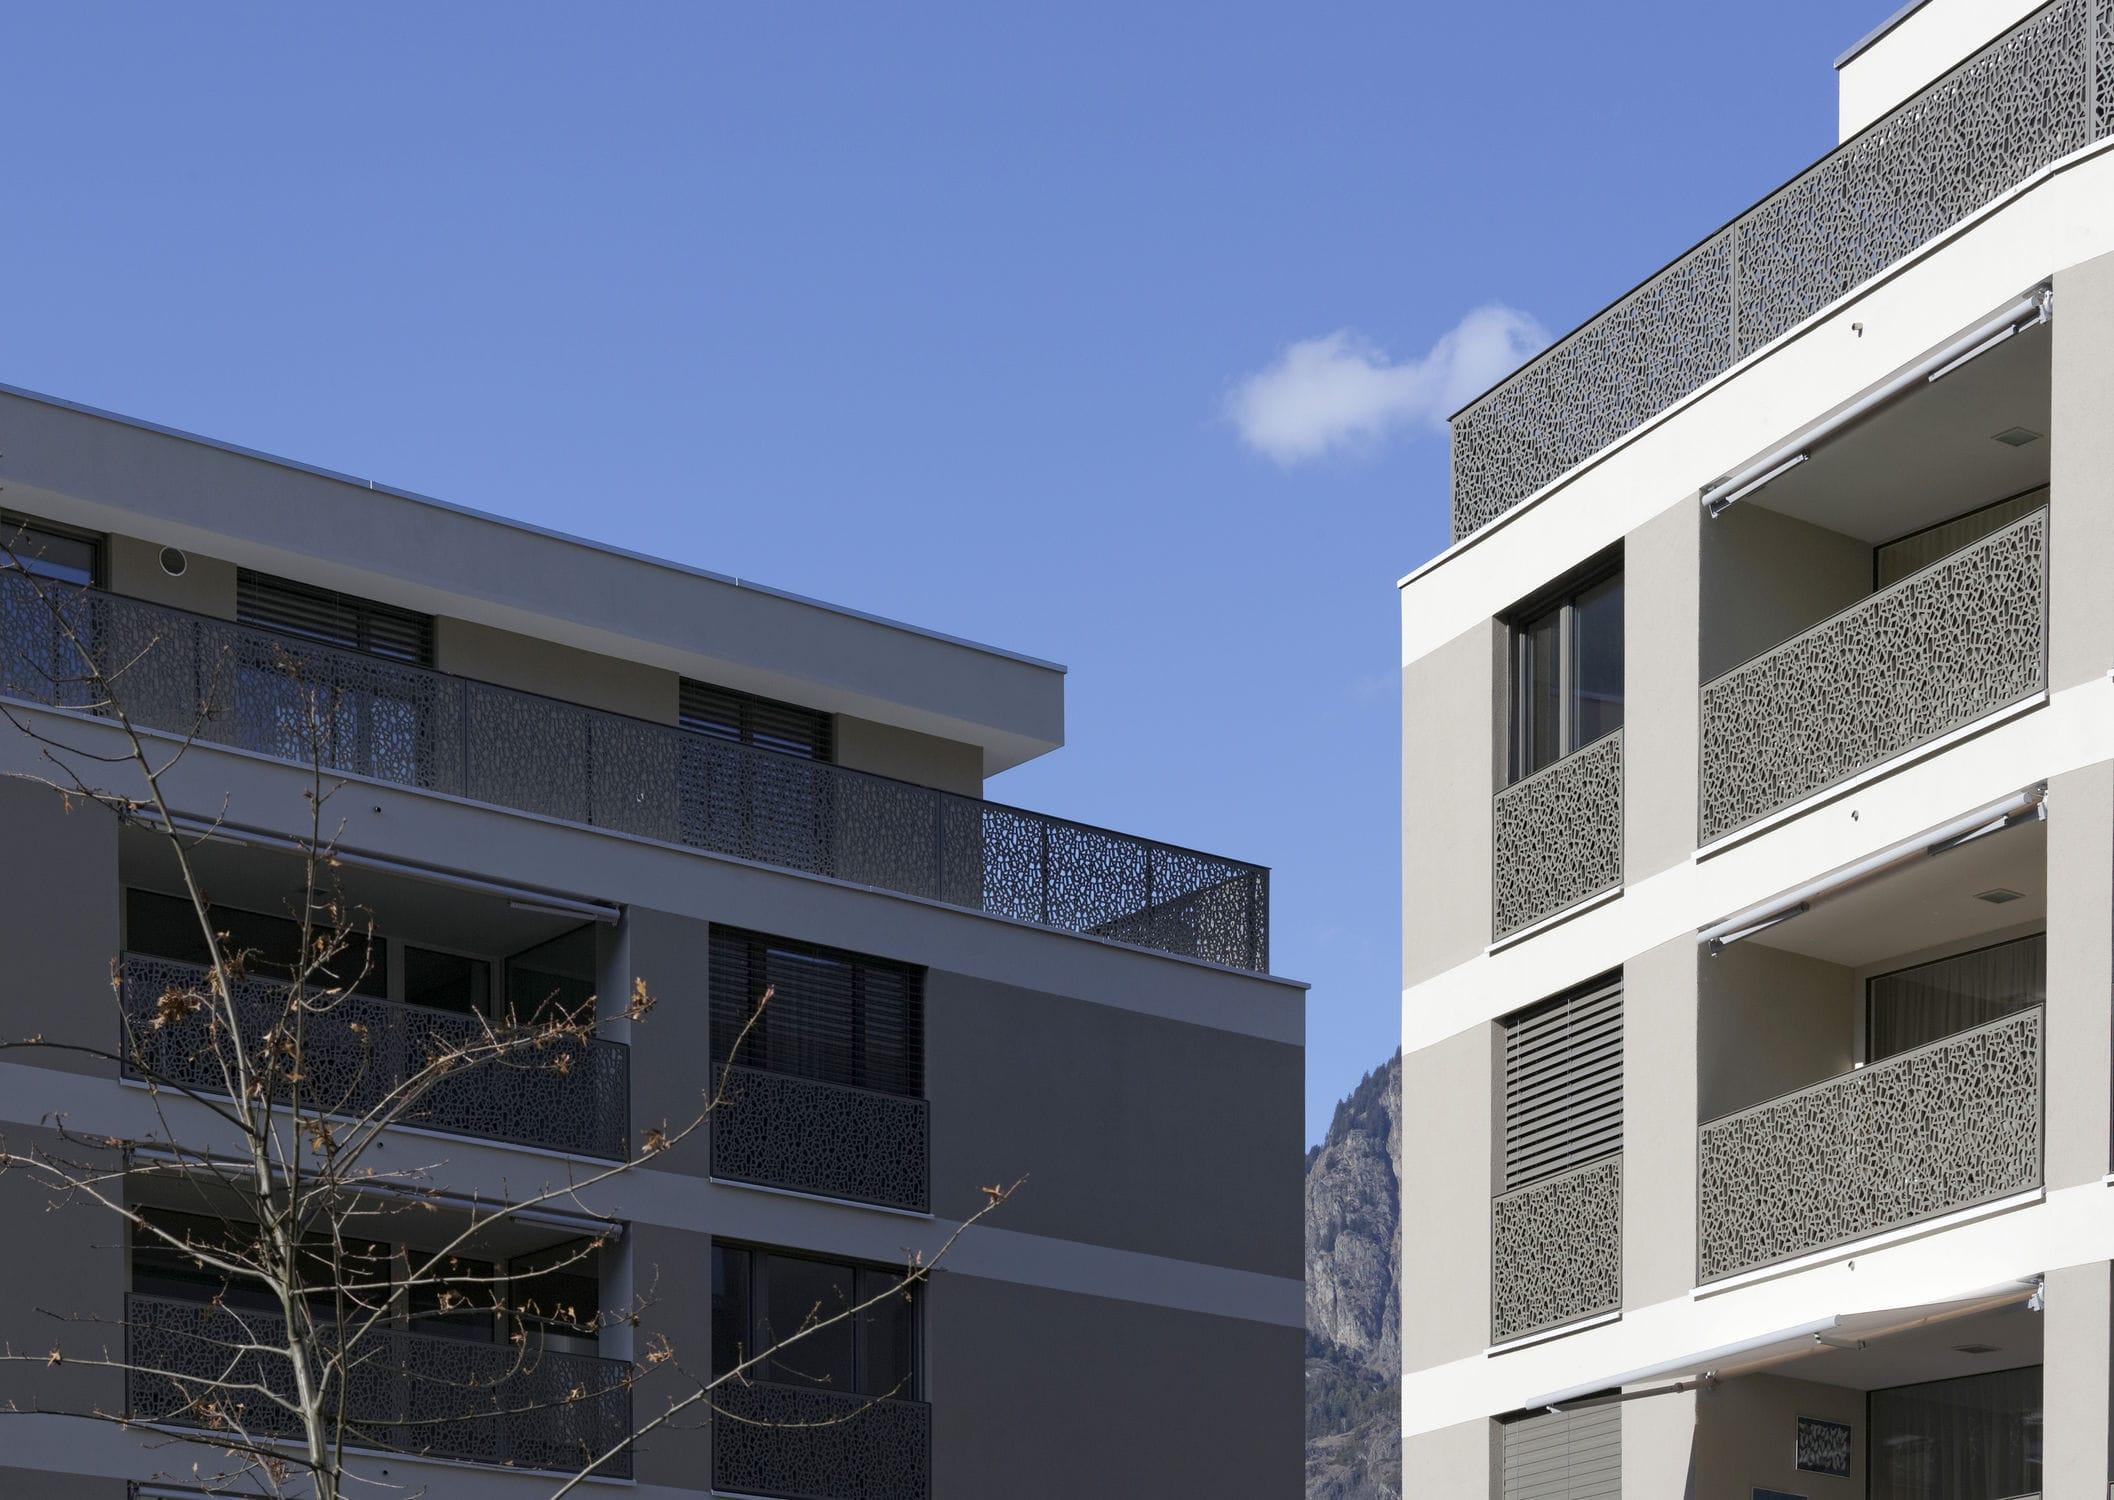 Balconi Esterni In Legno : Ringhiera in fibra di legno a pannelli da esterno per balcone